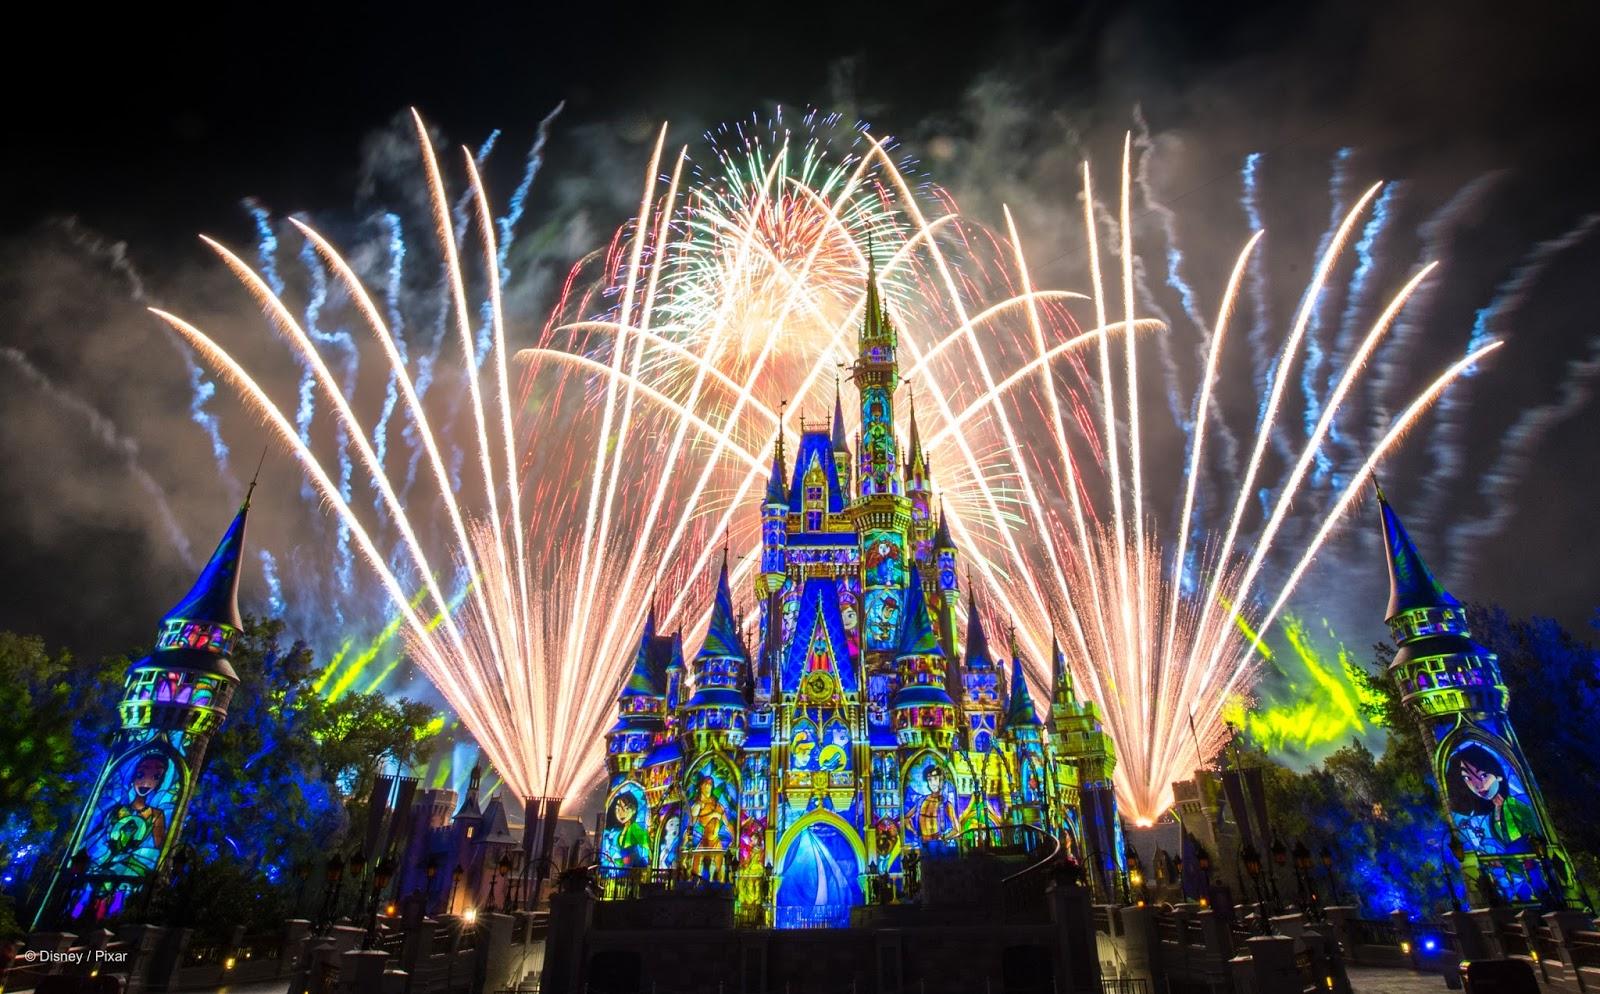 Show de fogos de artifício no Magic Kingdom